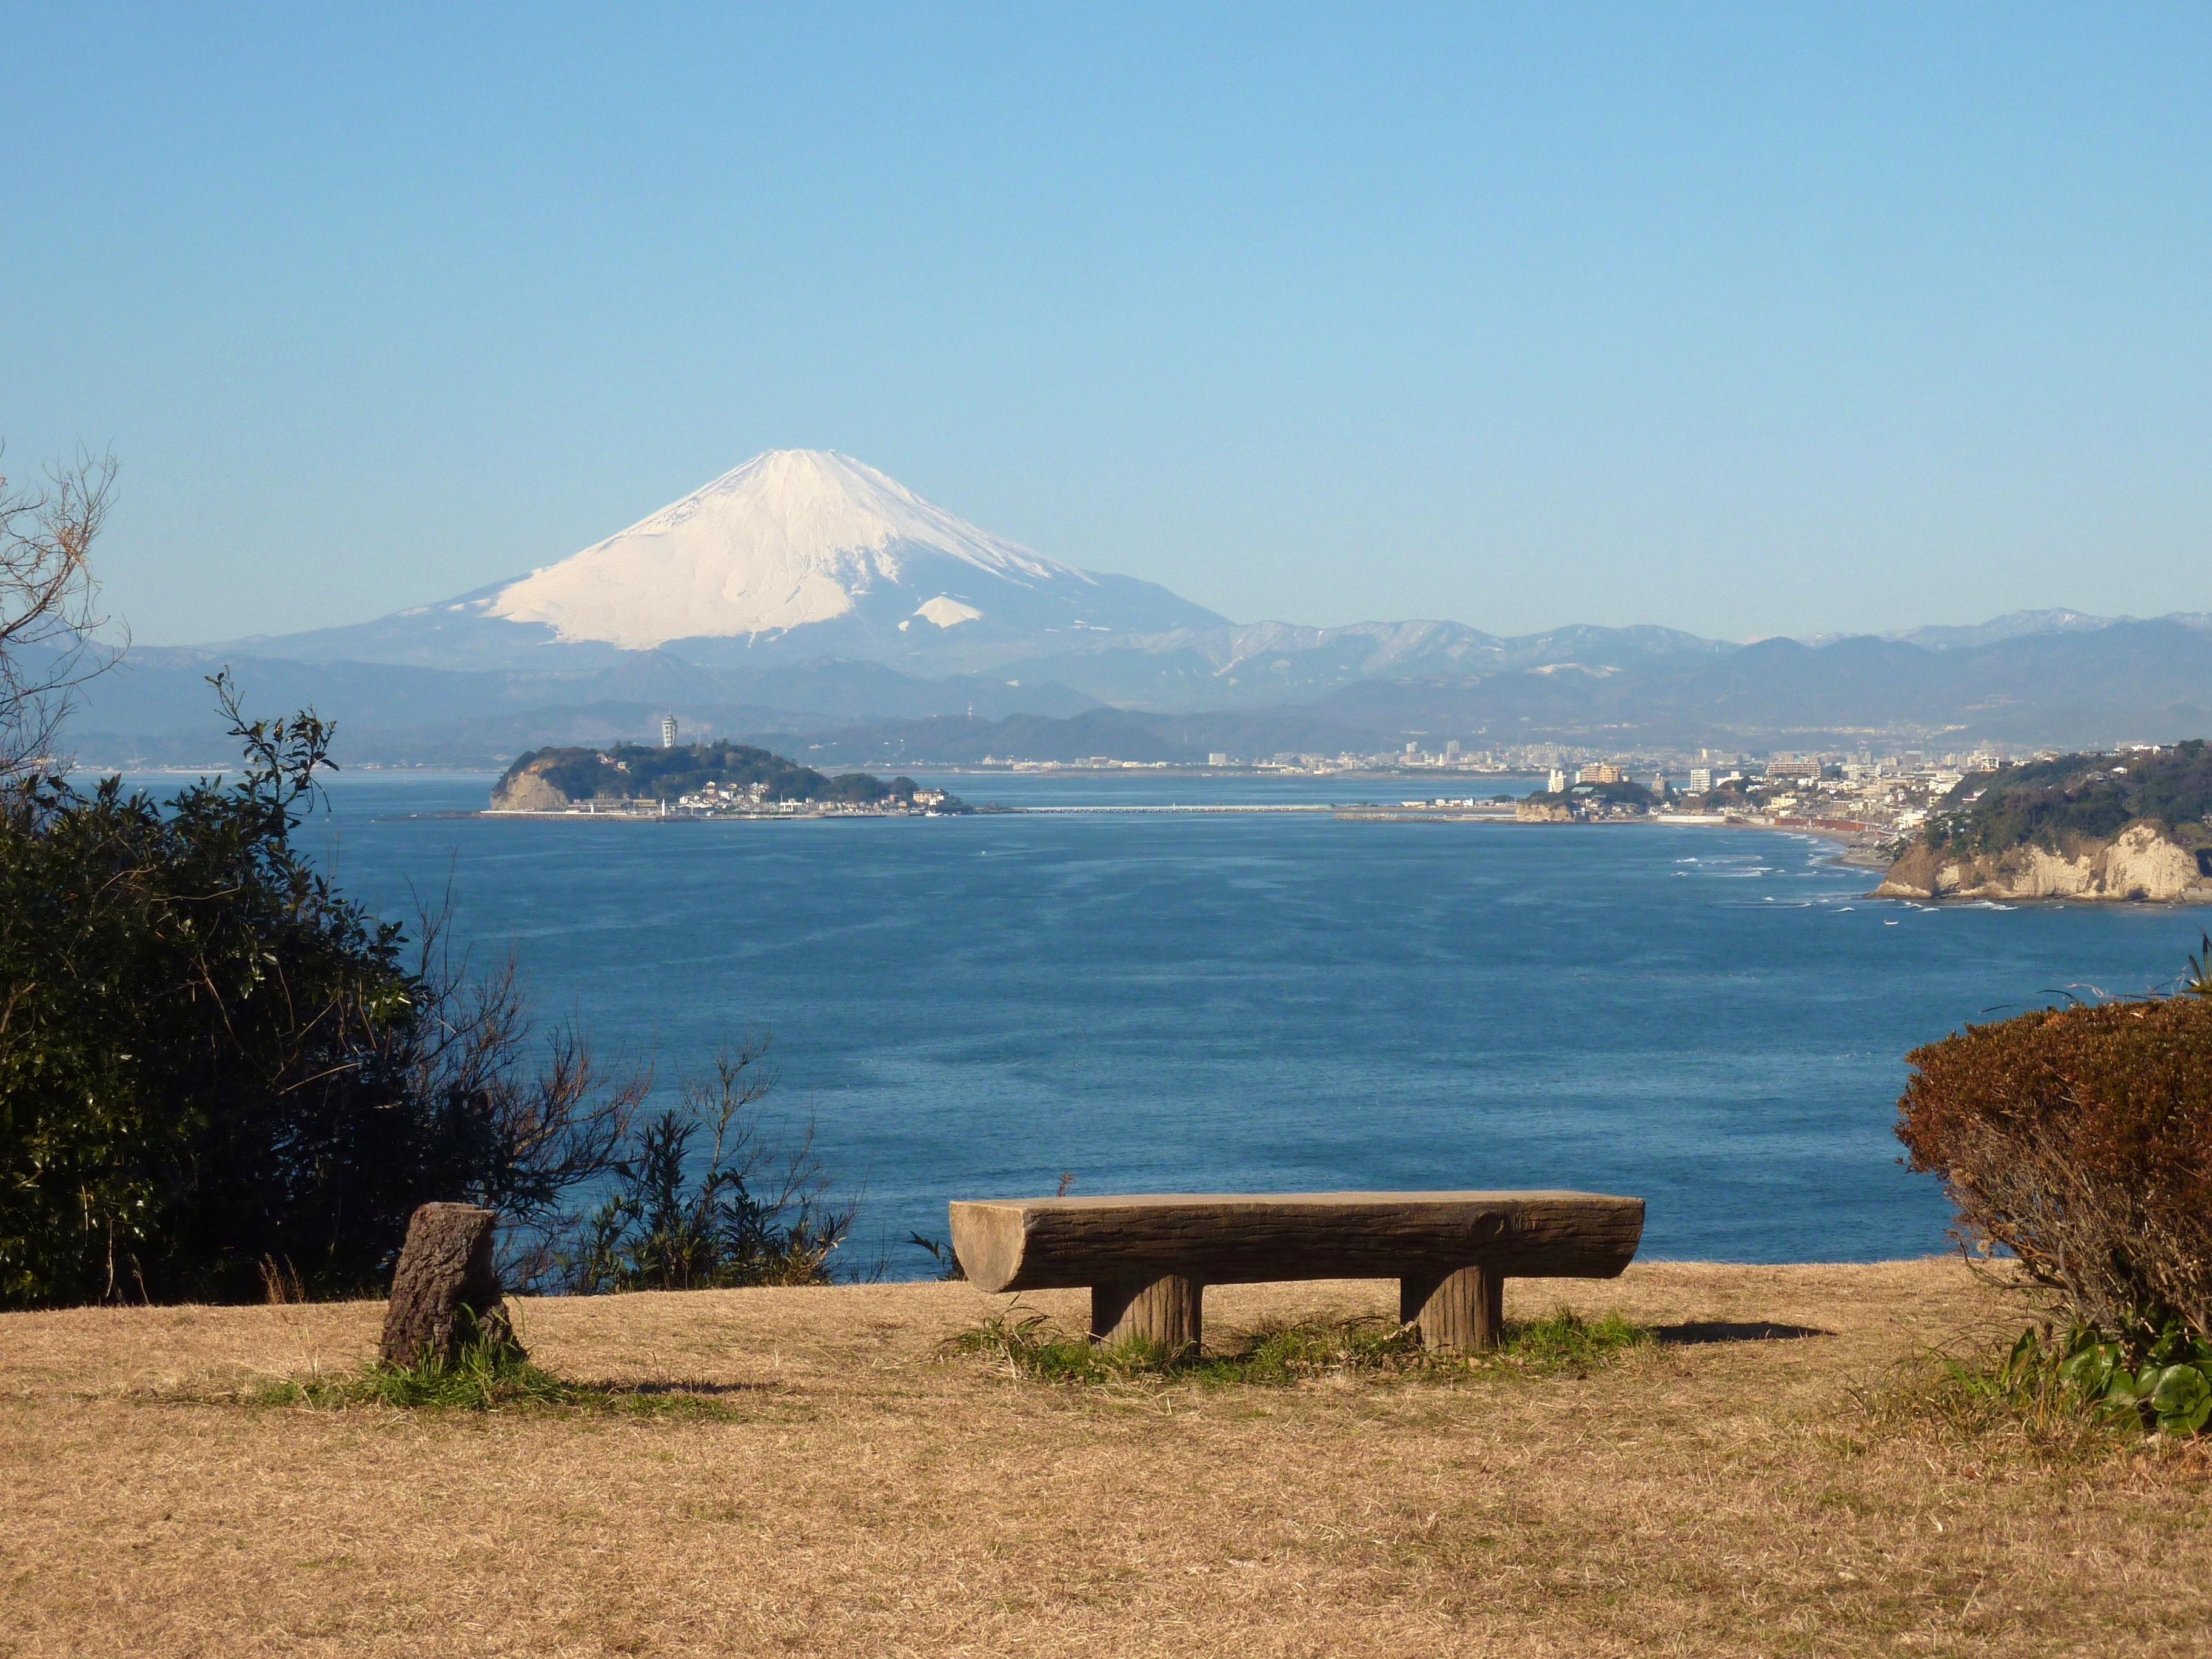 逗子市の観光名所12選!海を眺めながら遊べる癒しの観光都市 ...